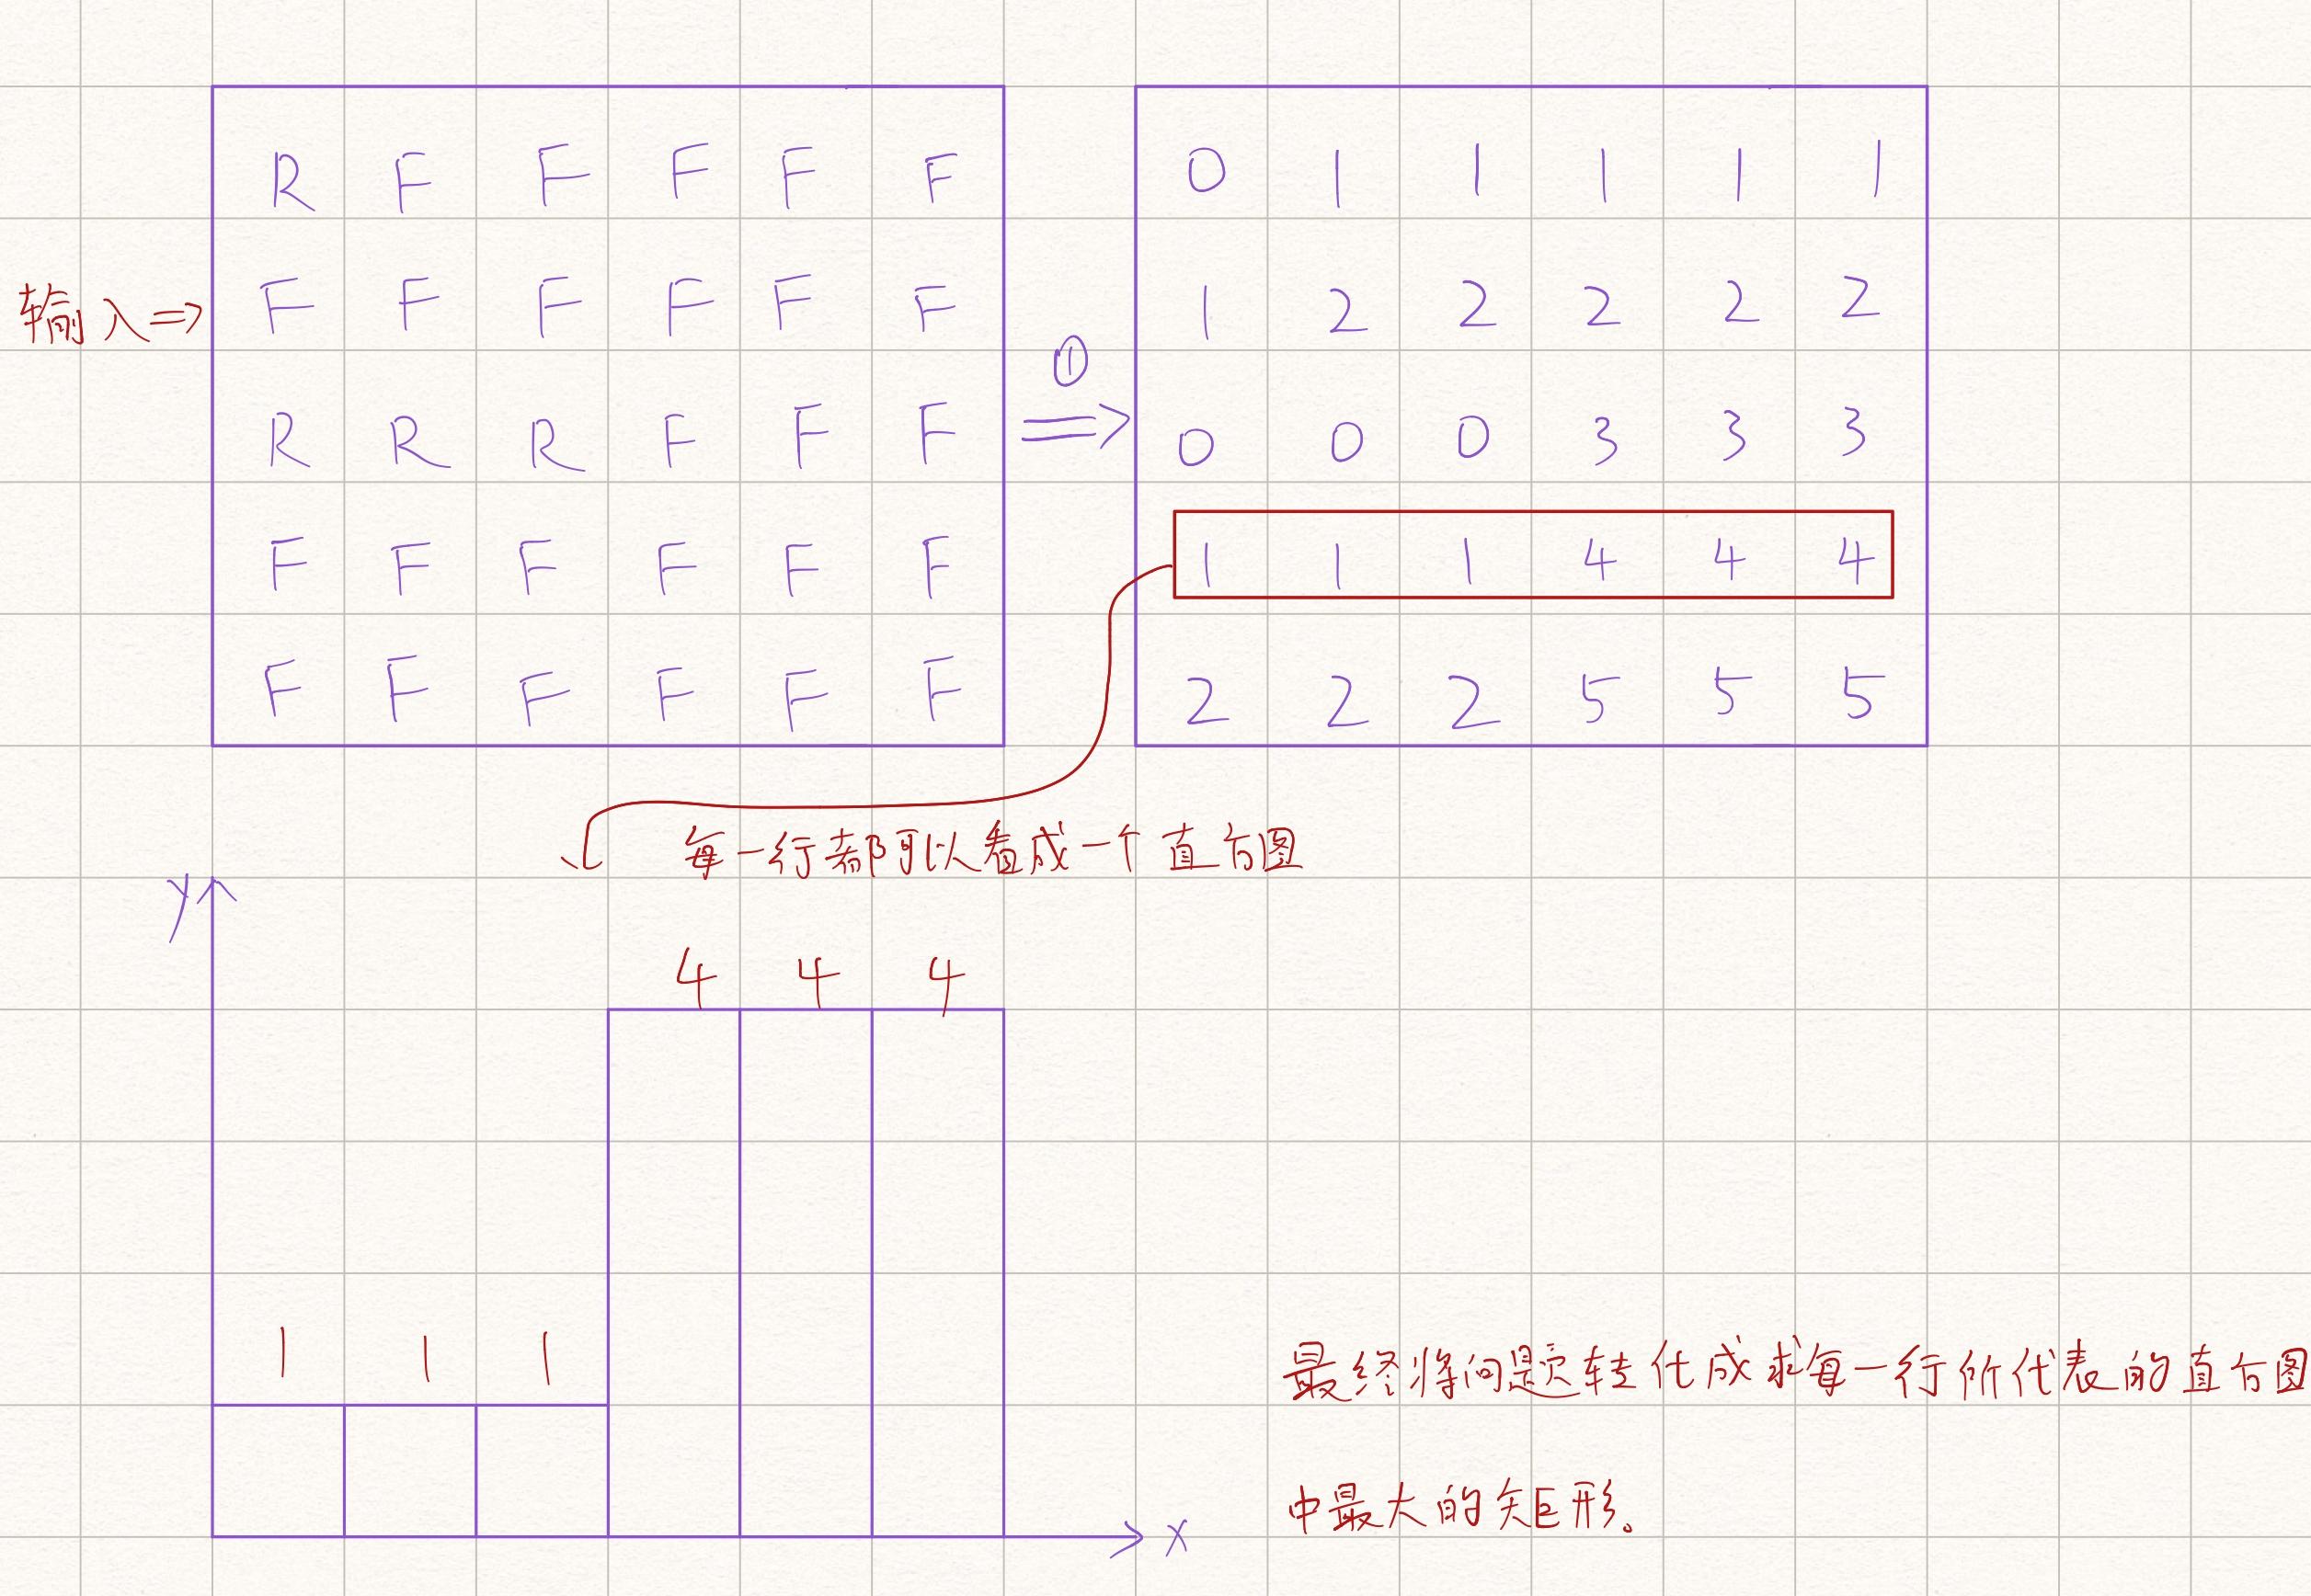 519DACE316A3F521106553577EC1DEC9.png